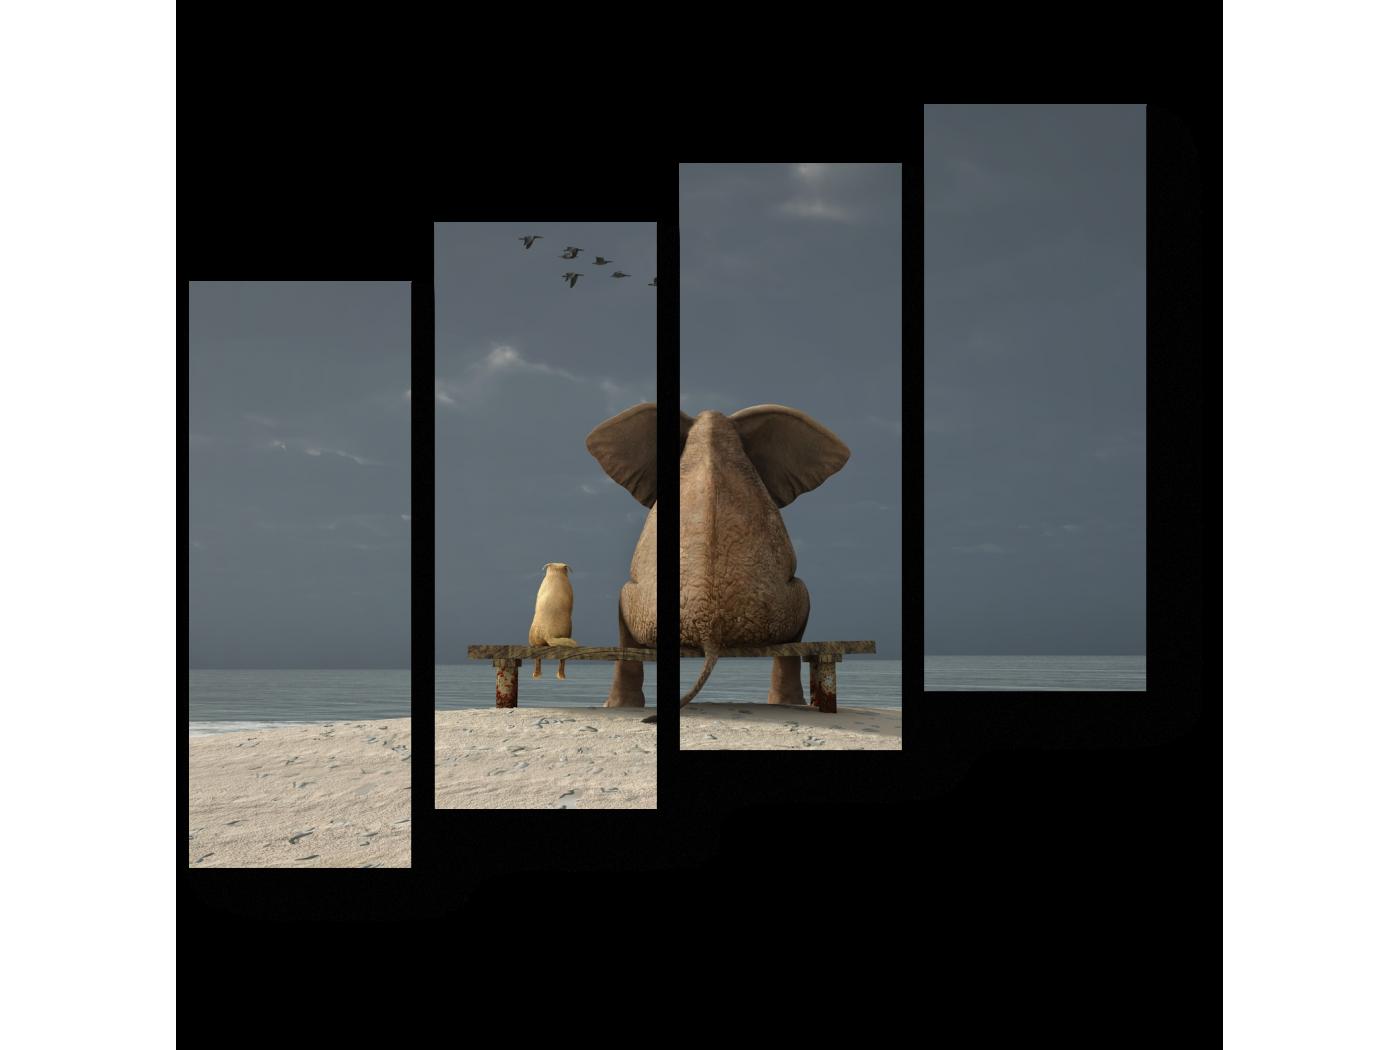 Модульная картина Встреча старых друзей (80x69) фото